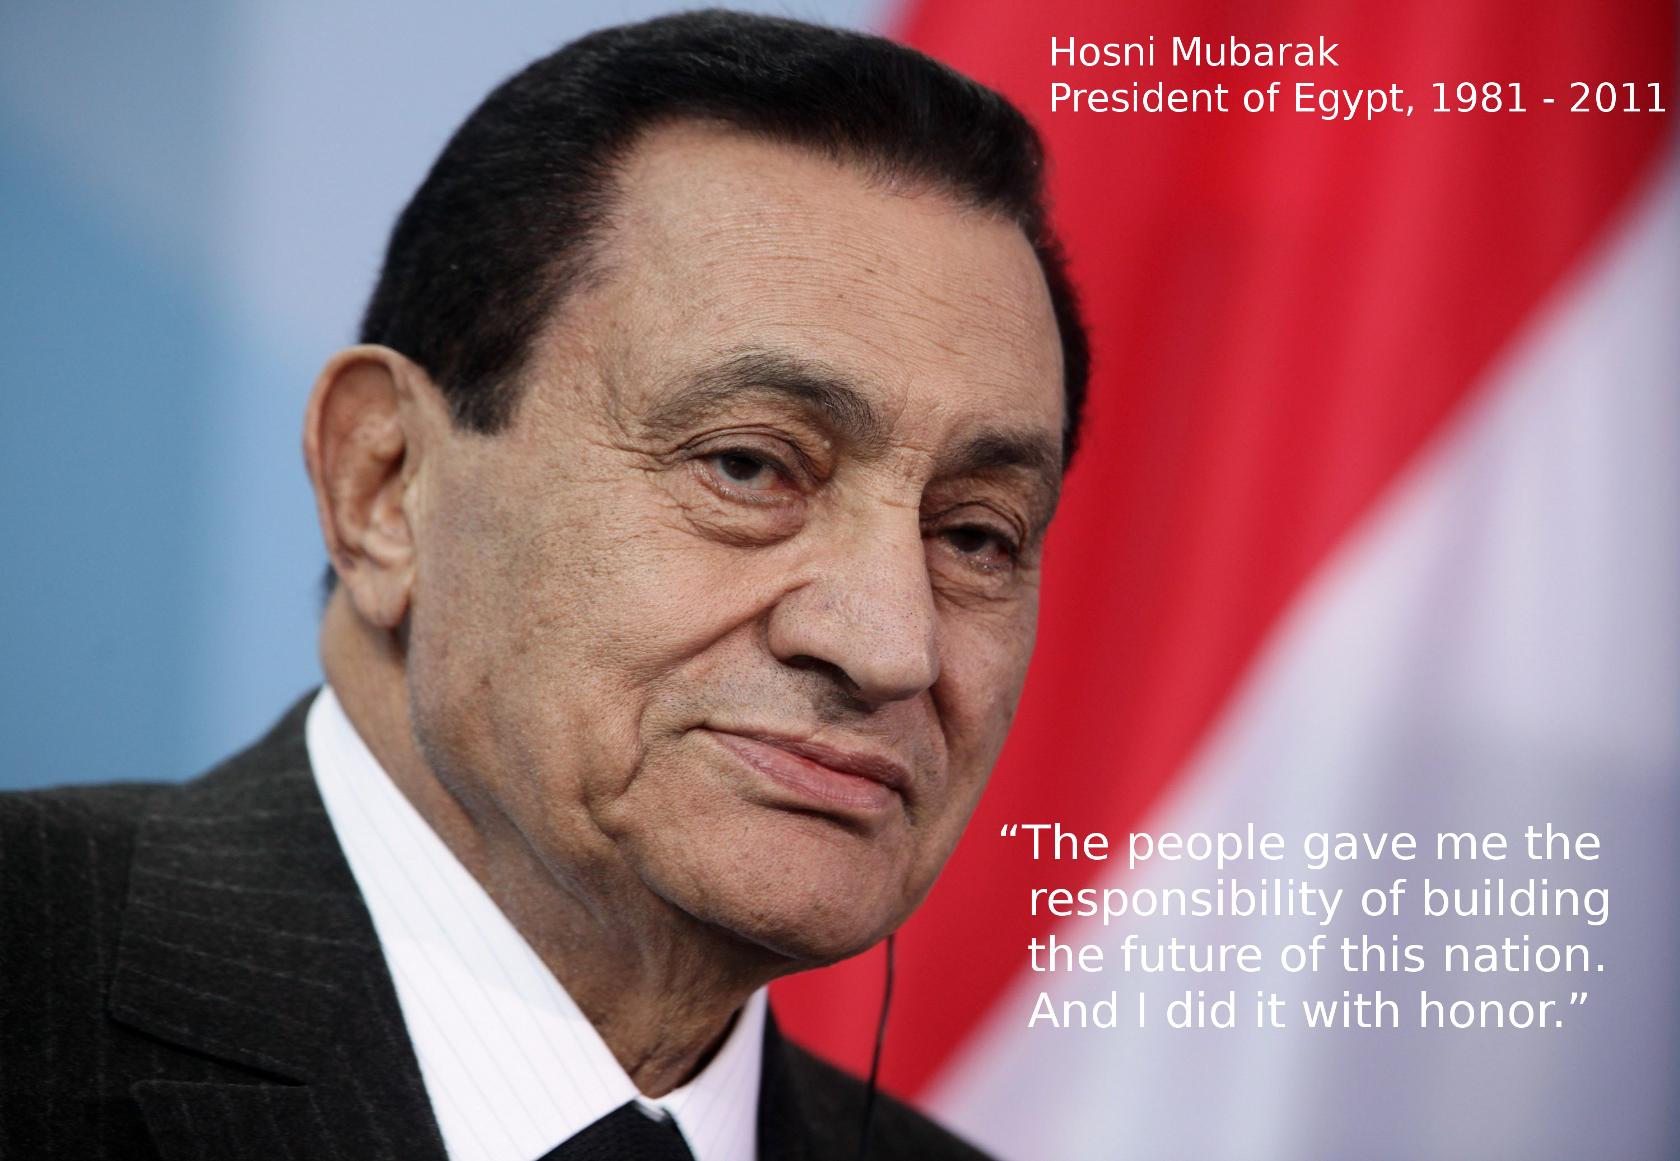 Hosni Mubarak's quote #3